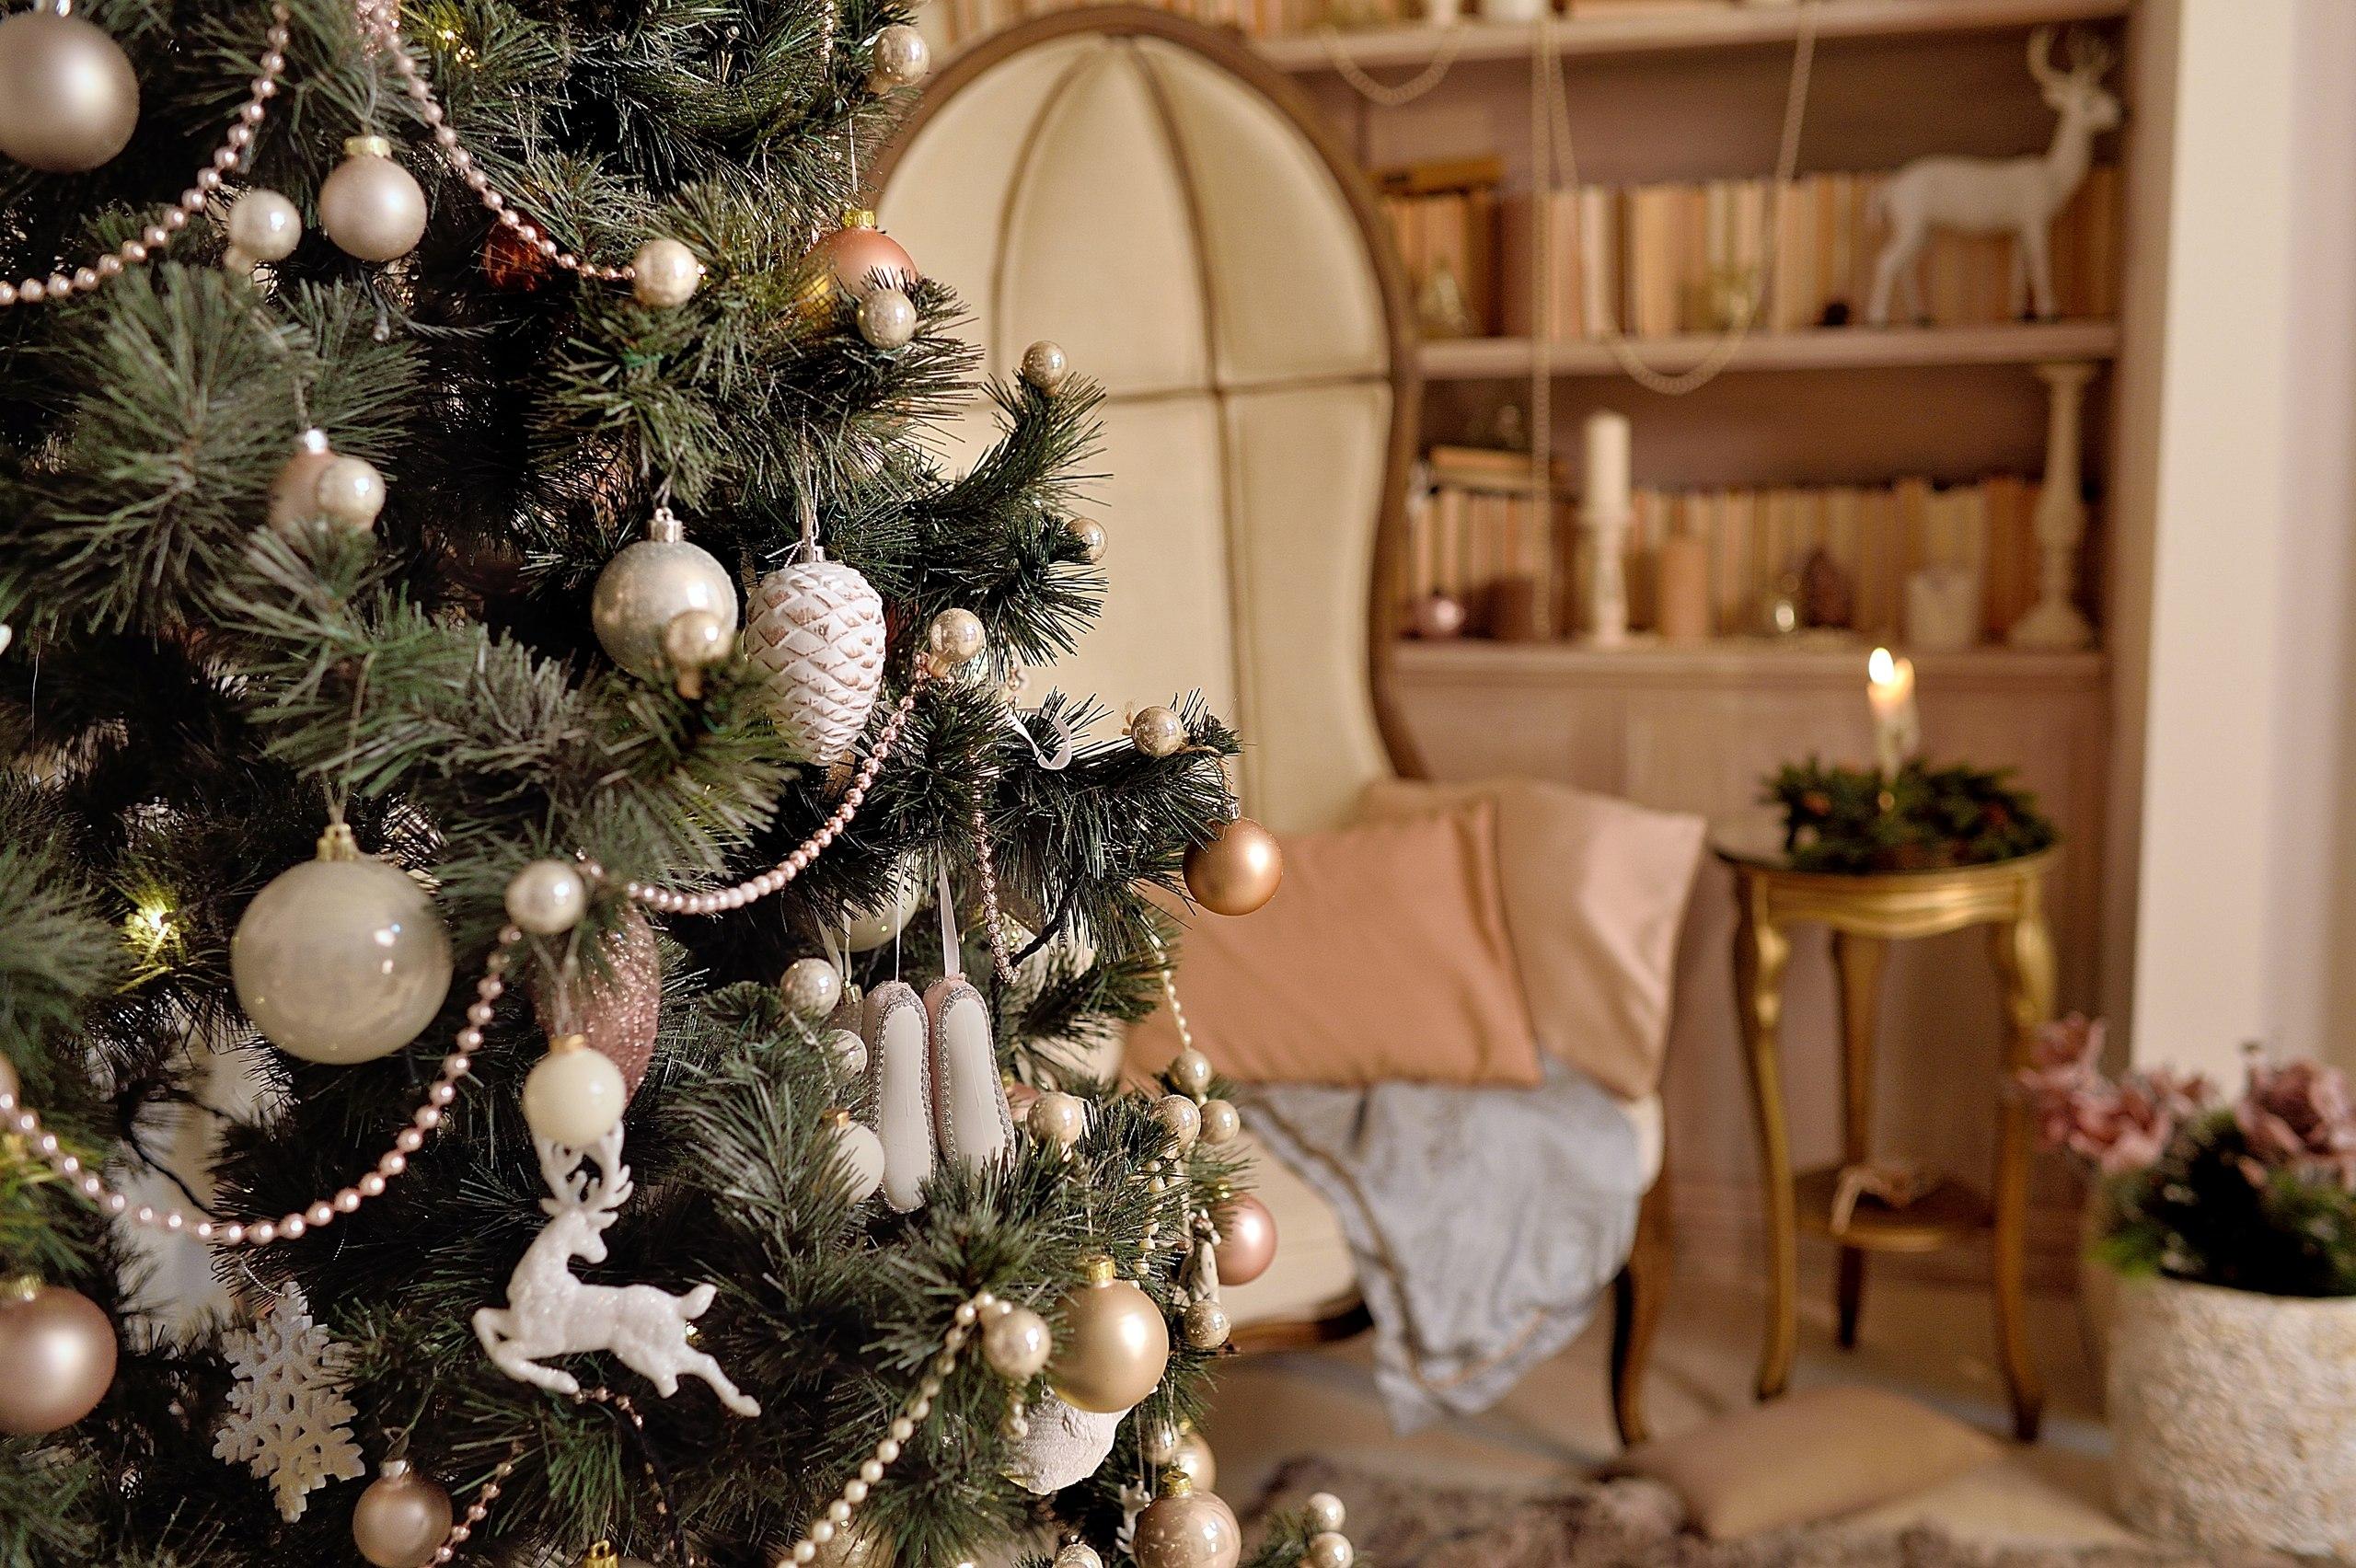 Как нарядить елку по фен-шуй, чтобы привлечь в дом богатство и удачу